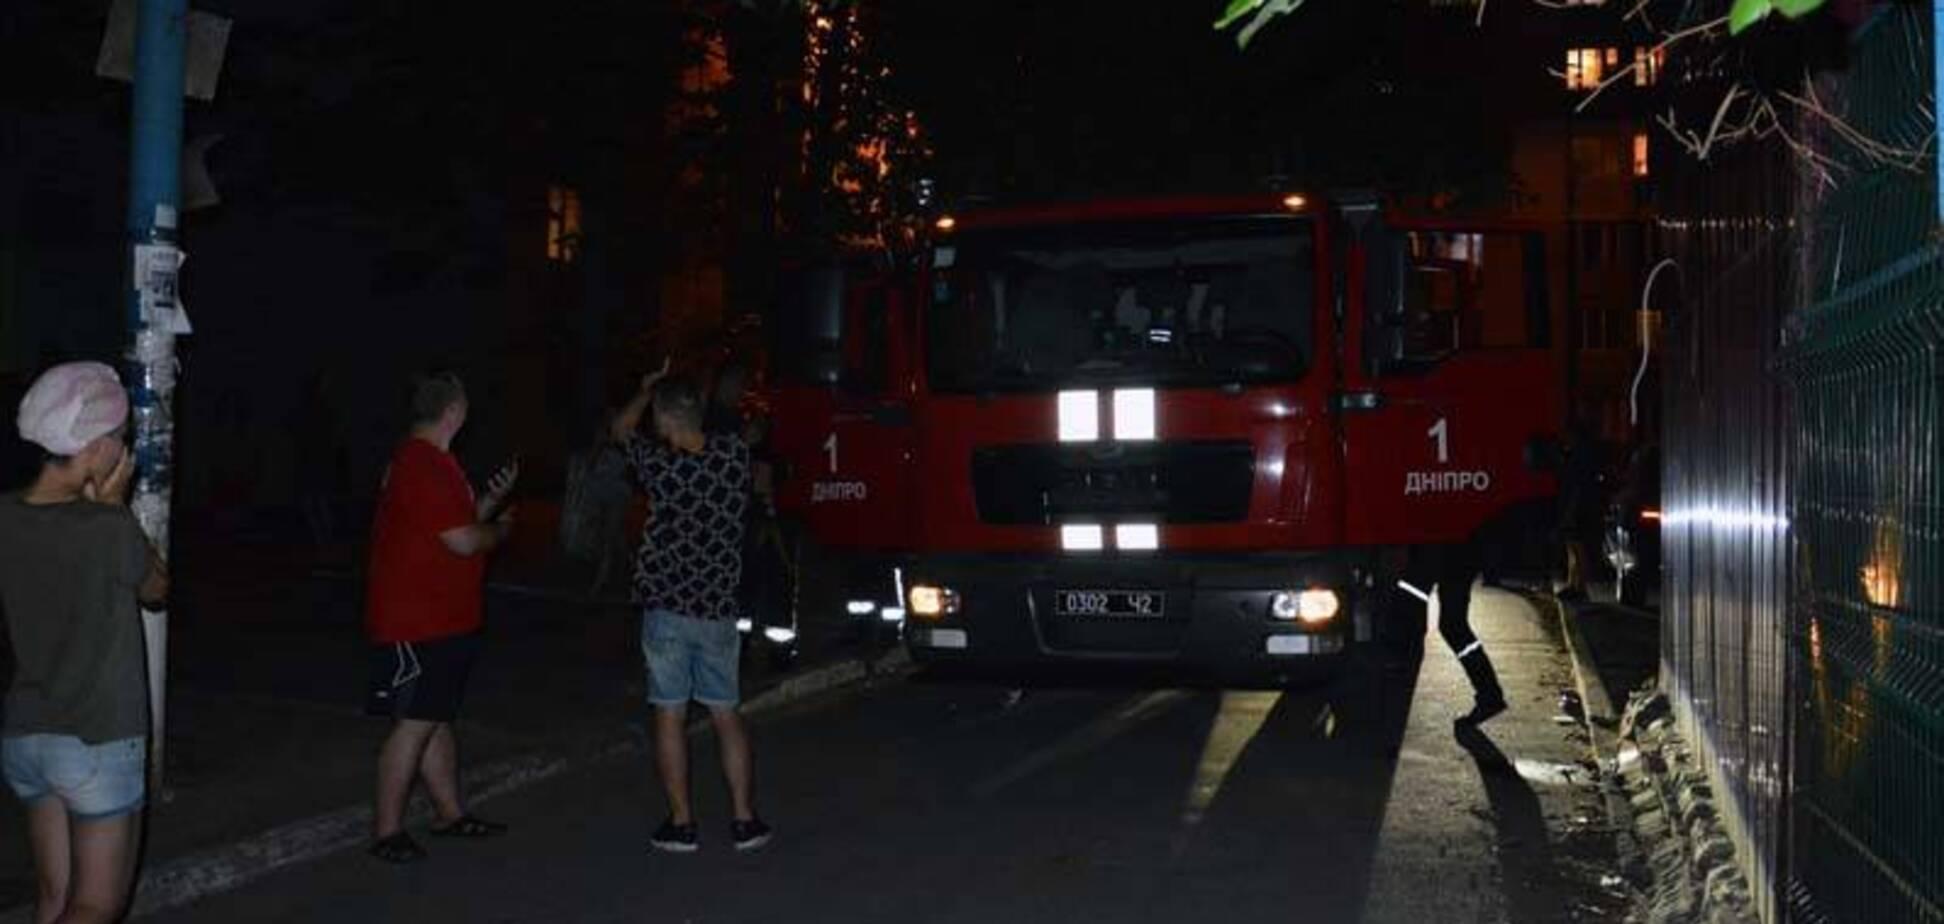 У Дніпрі горів гуртожиток: студенти евакуювалися самостійно. Фото